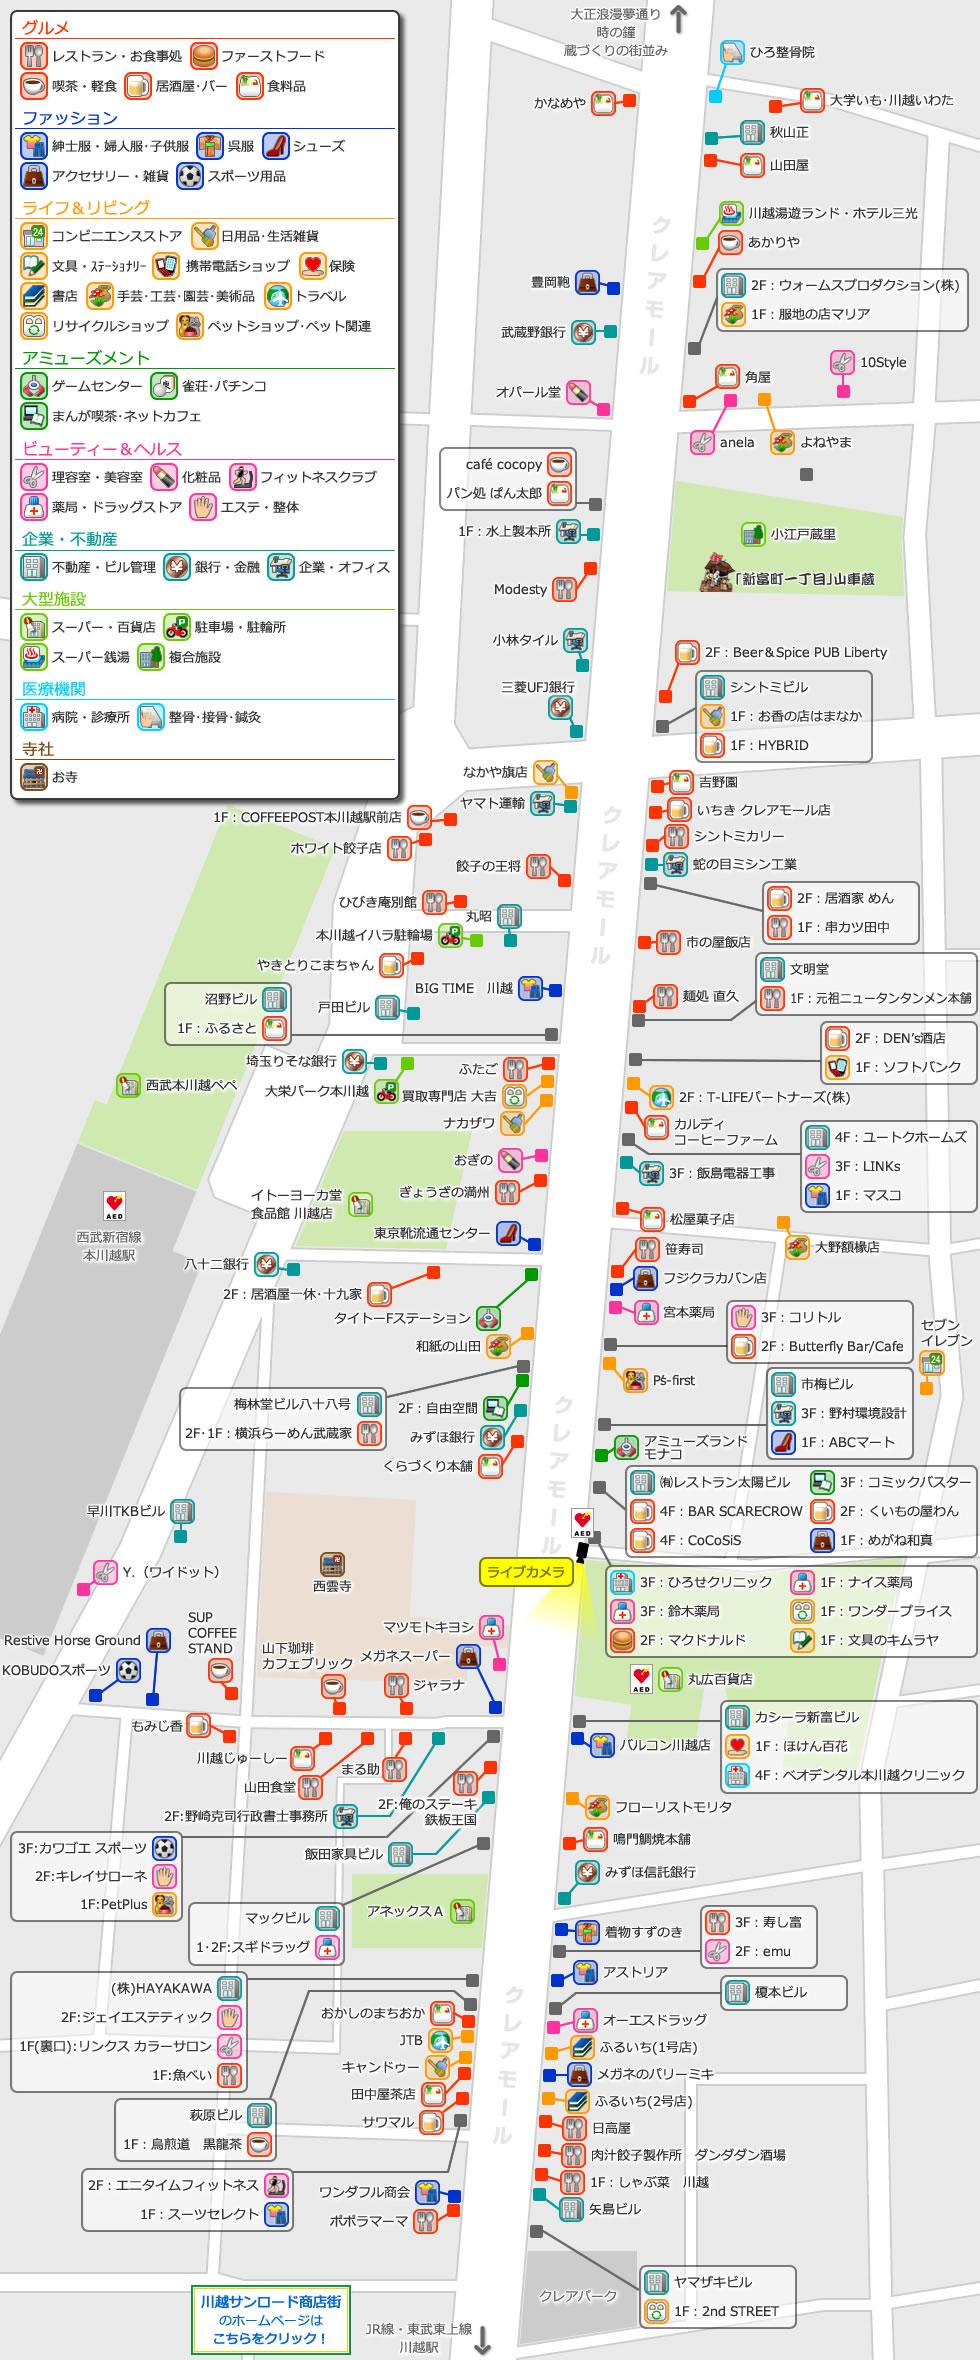 クレアモール地図